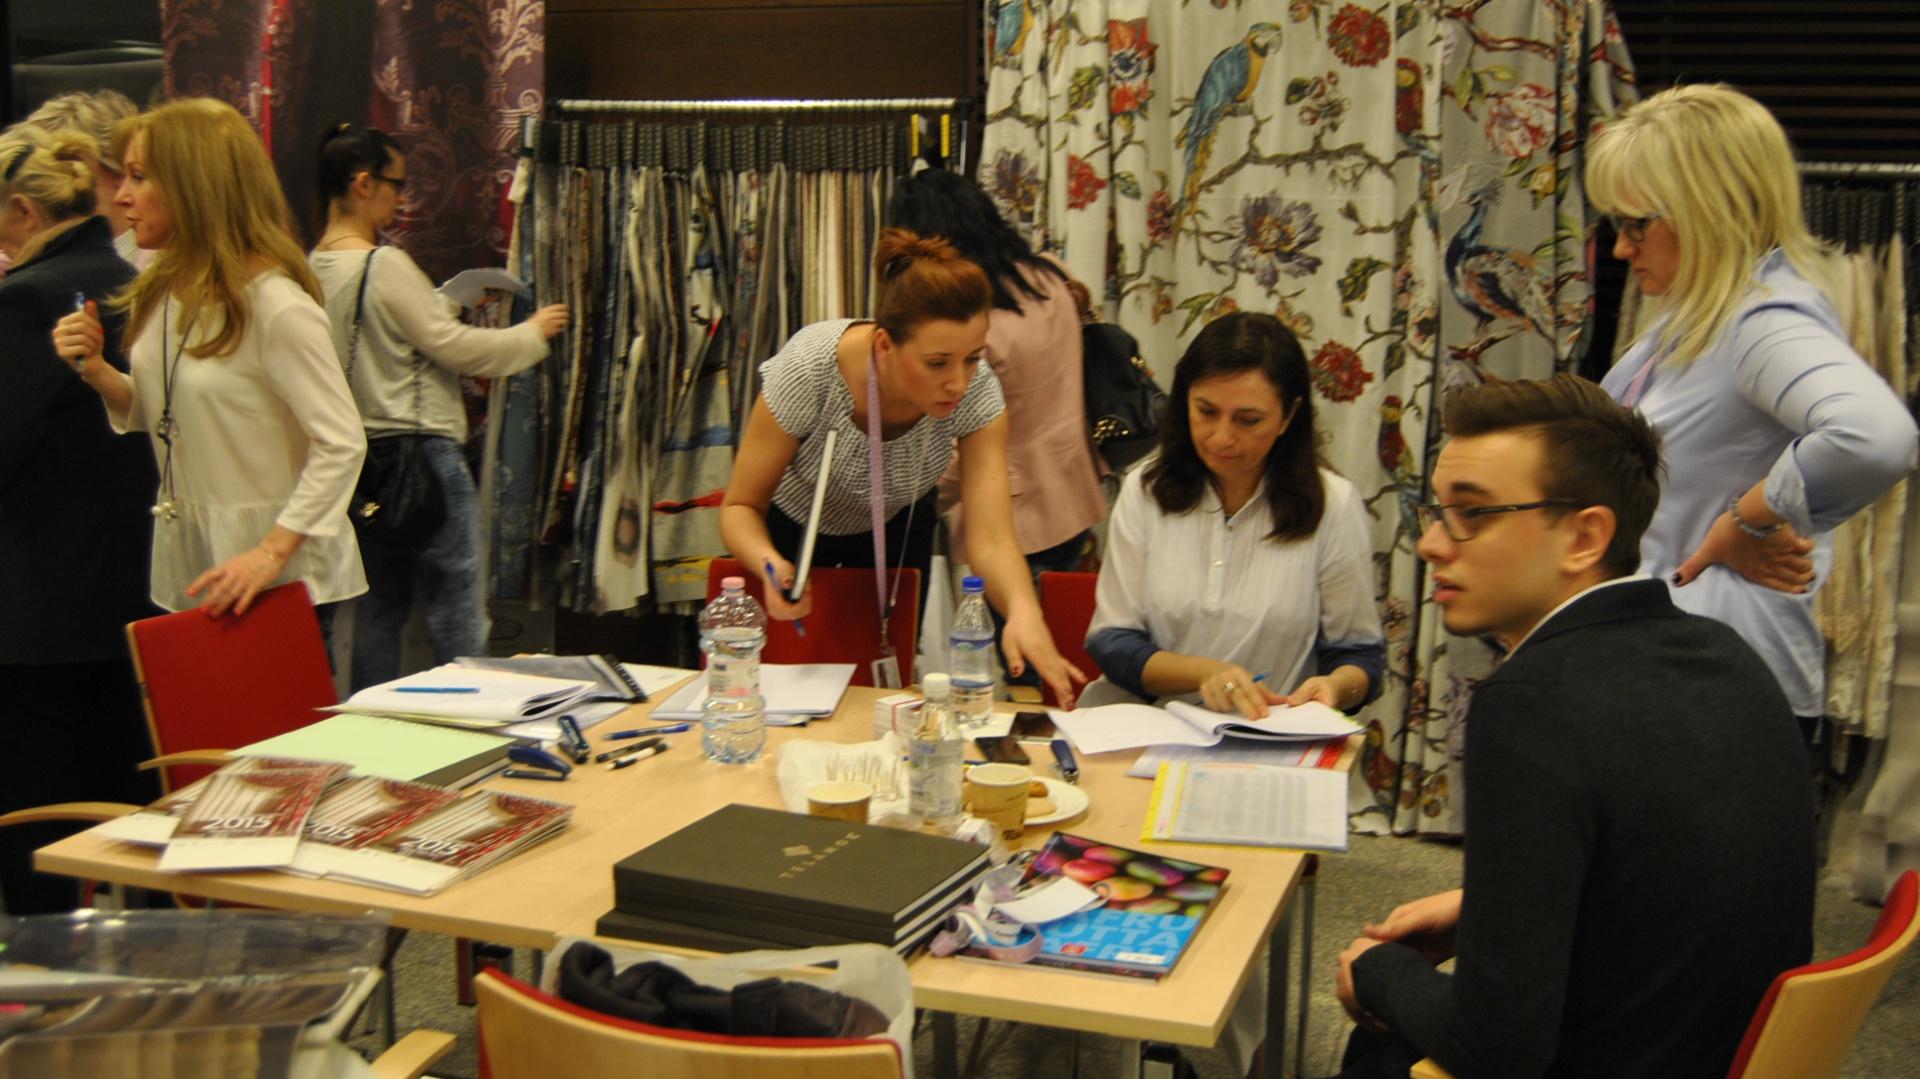 Interior design forum ju wkr tce for Interior design forum